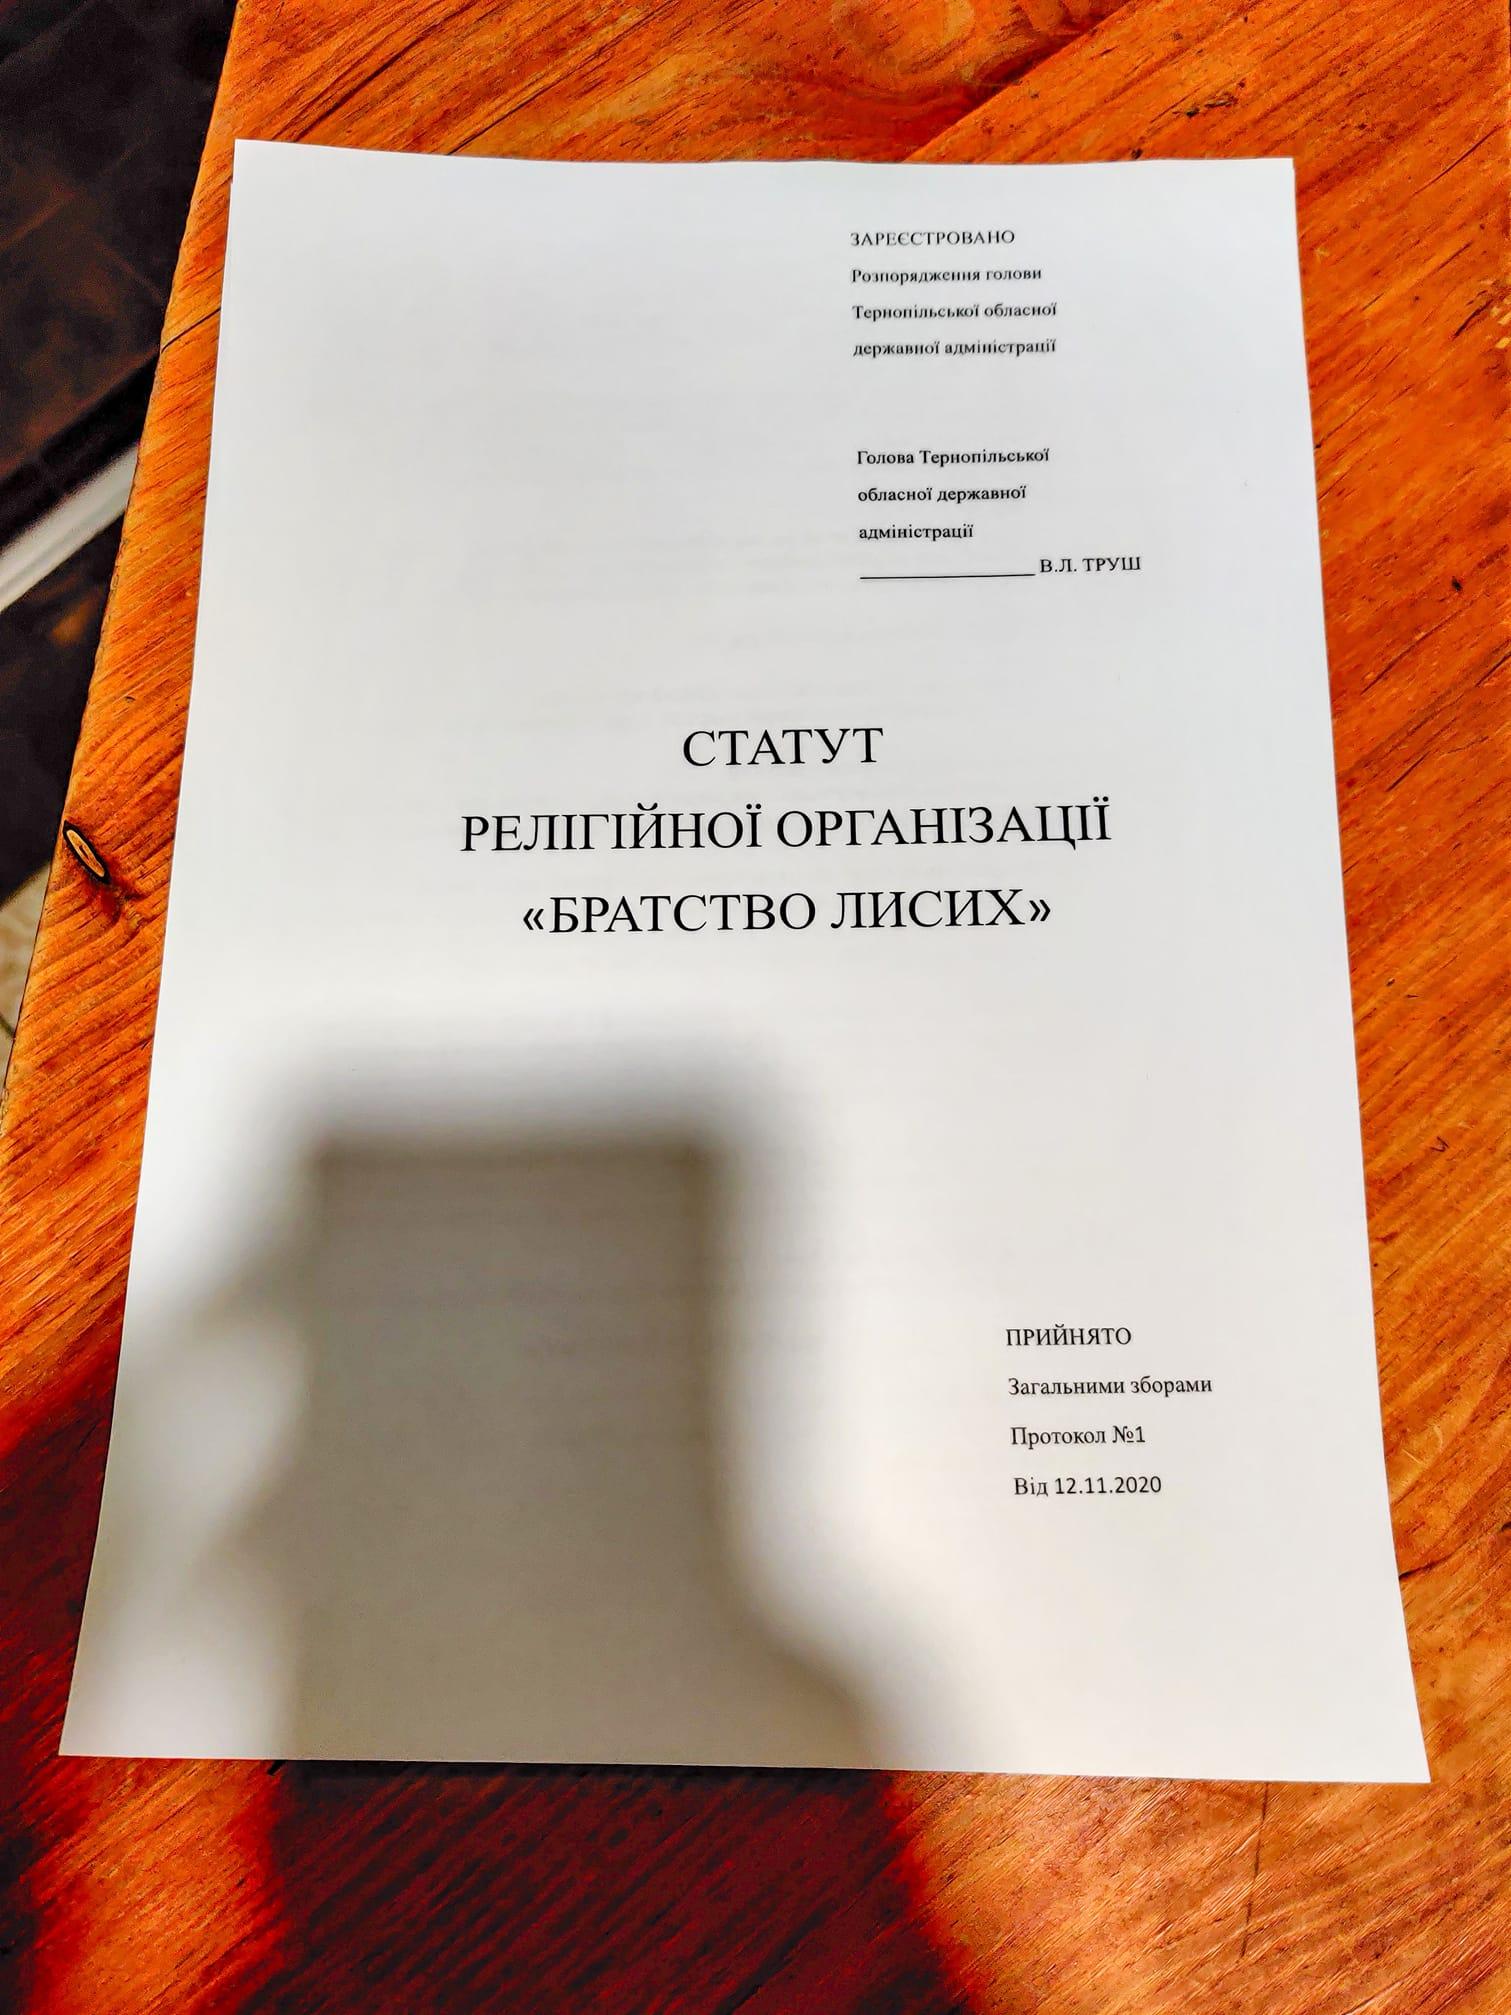 """Устав религиозной организации """"Братство лысых"""" в Тернополе"""